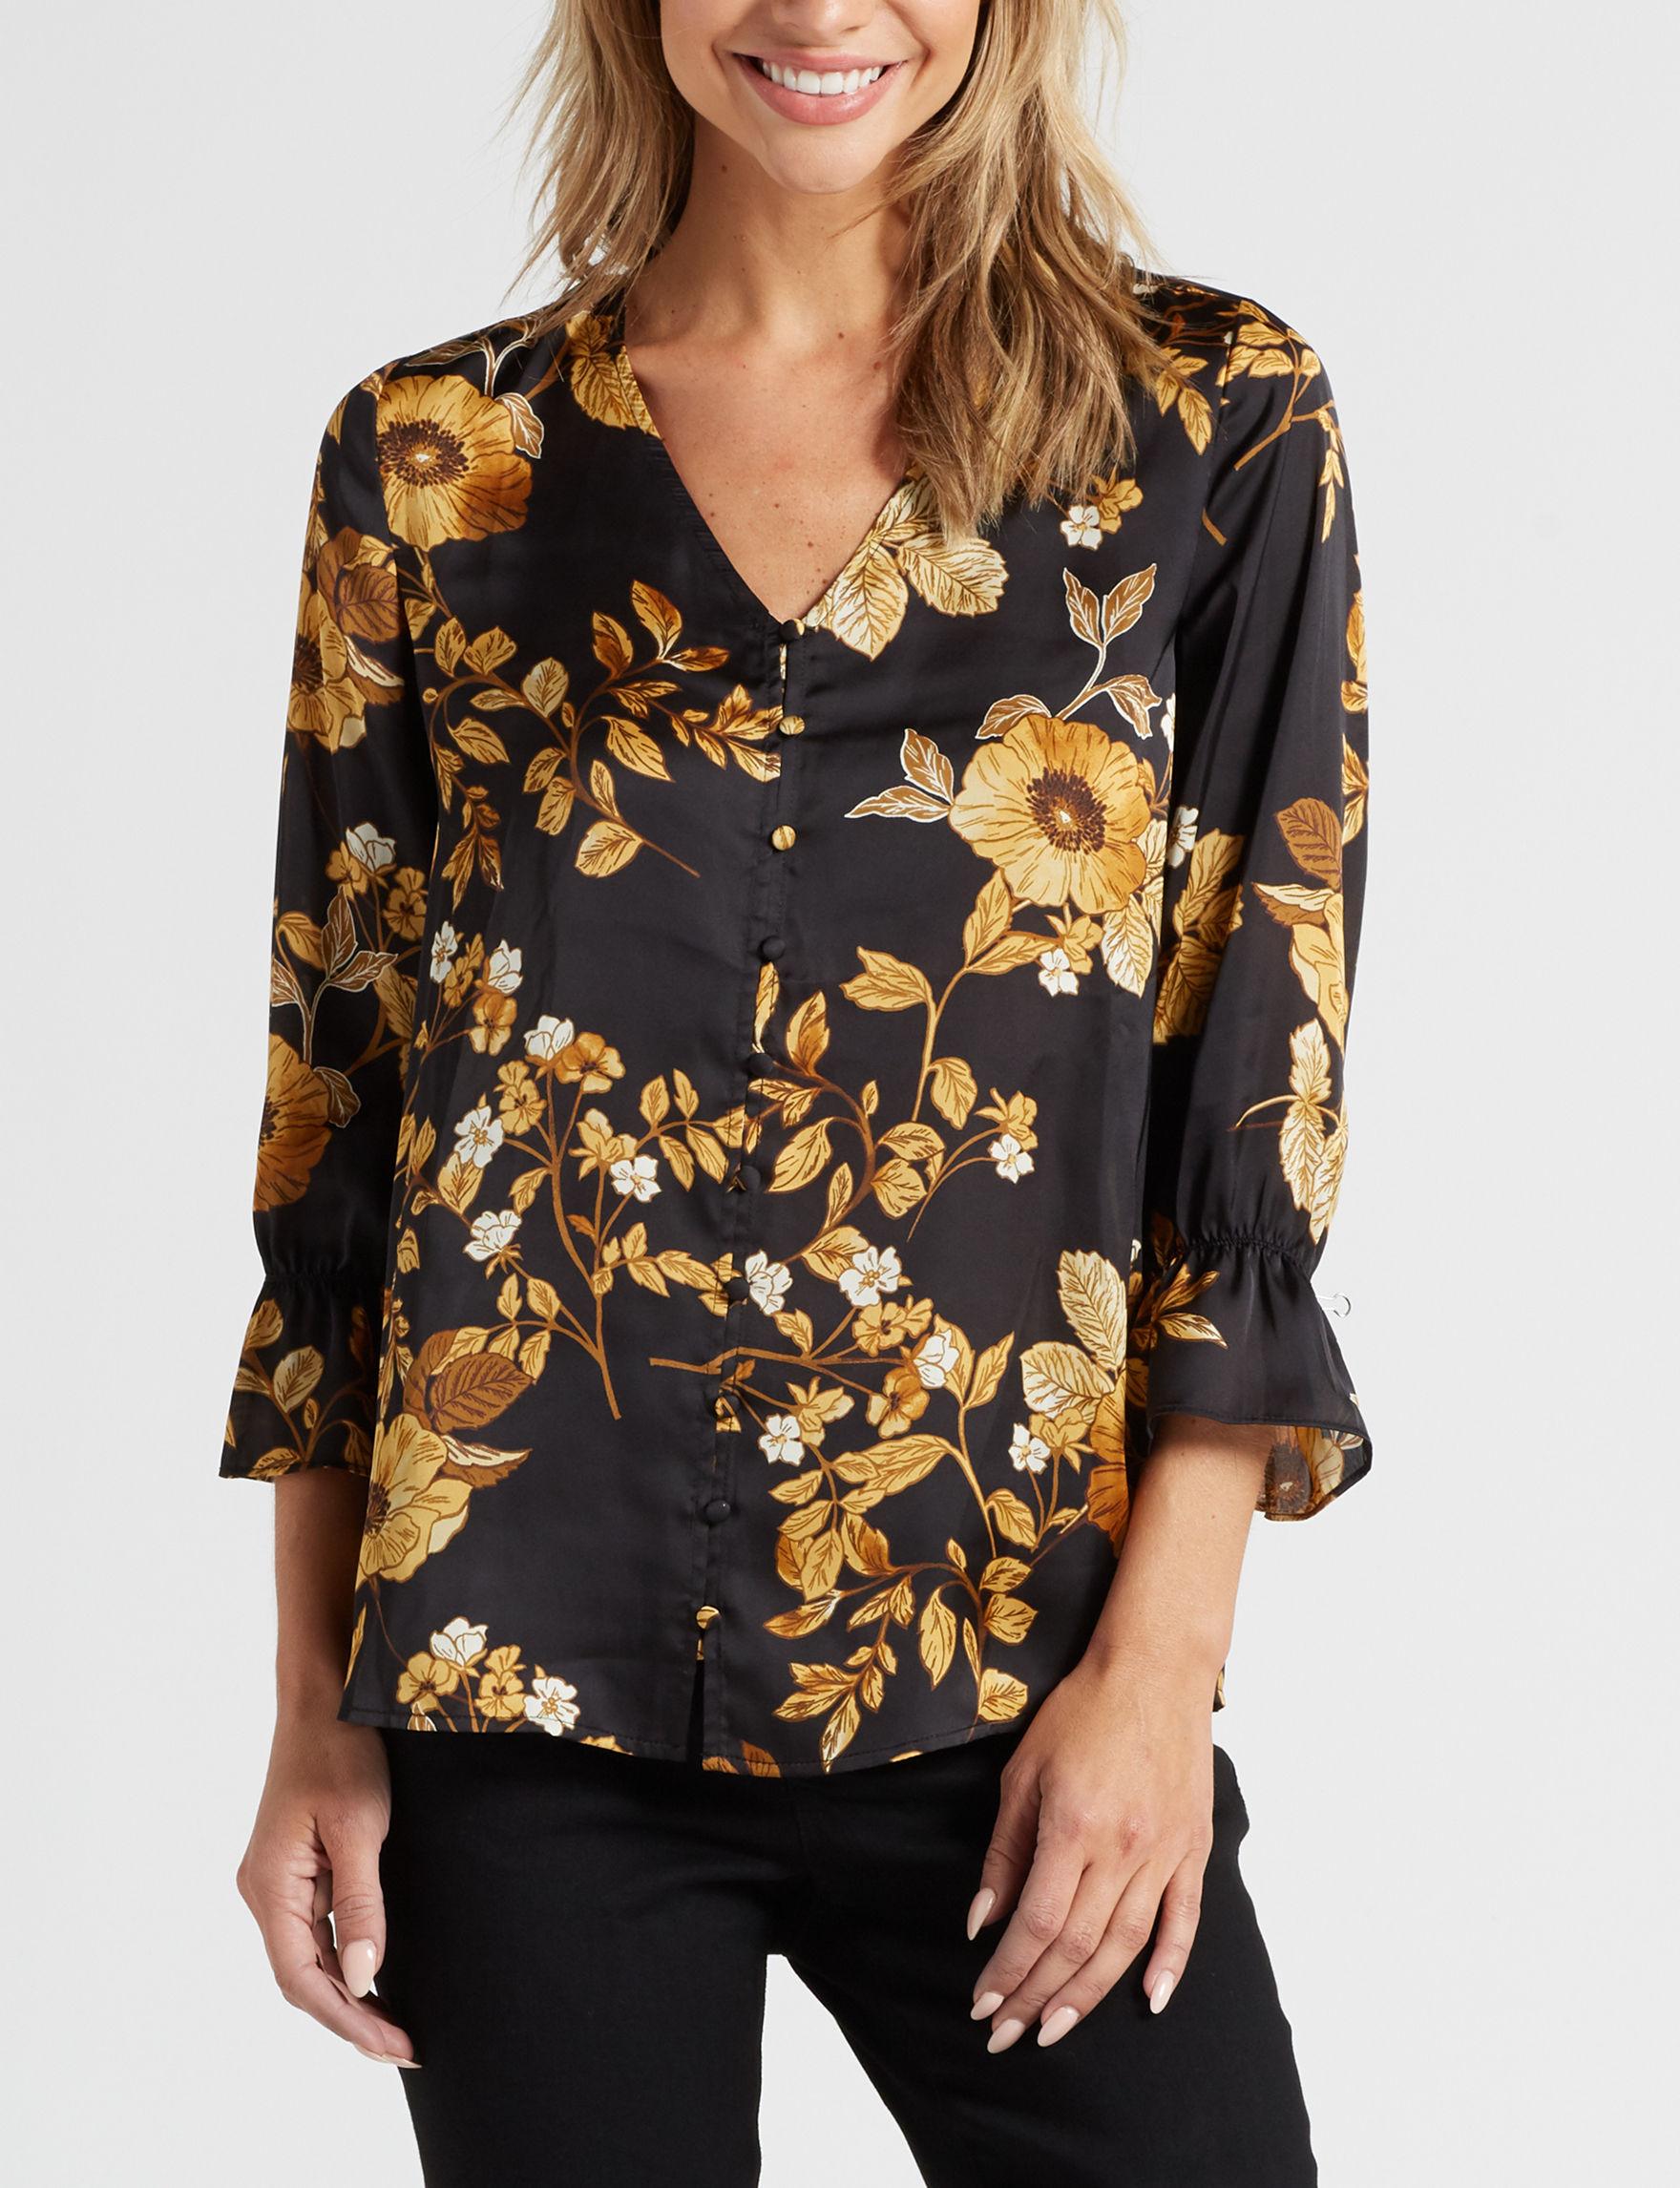 Rebecca Malone Black / Yellow Shirts & Blouses